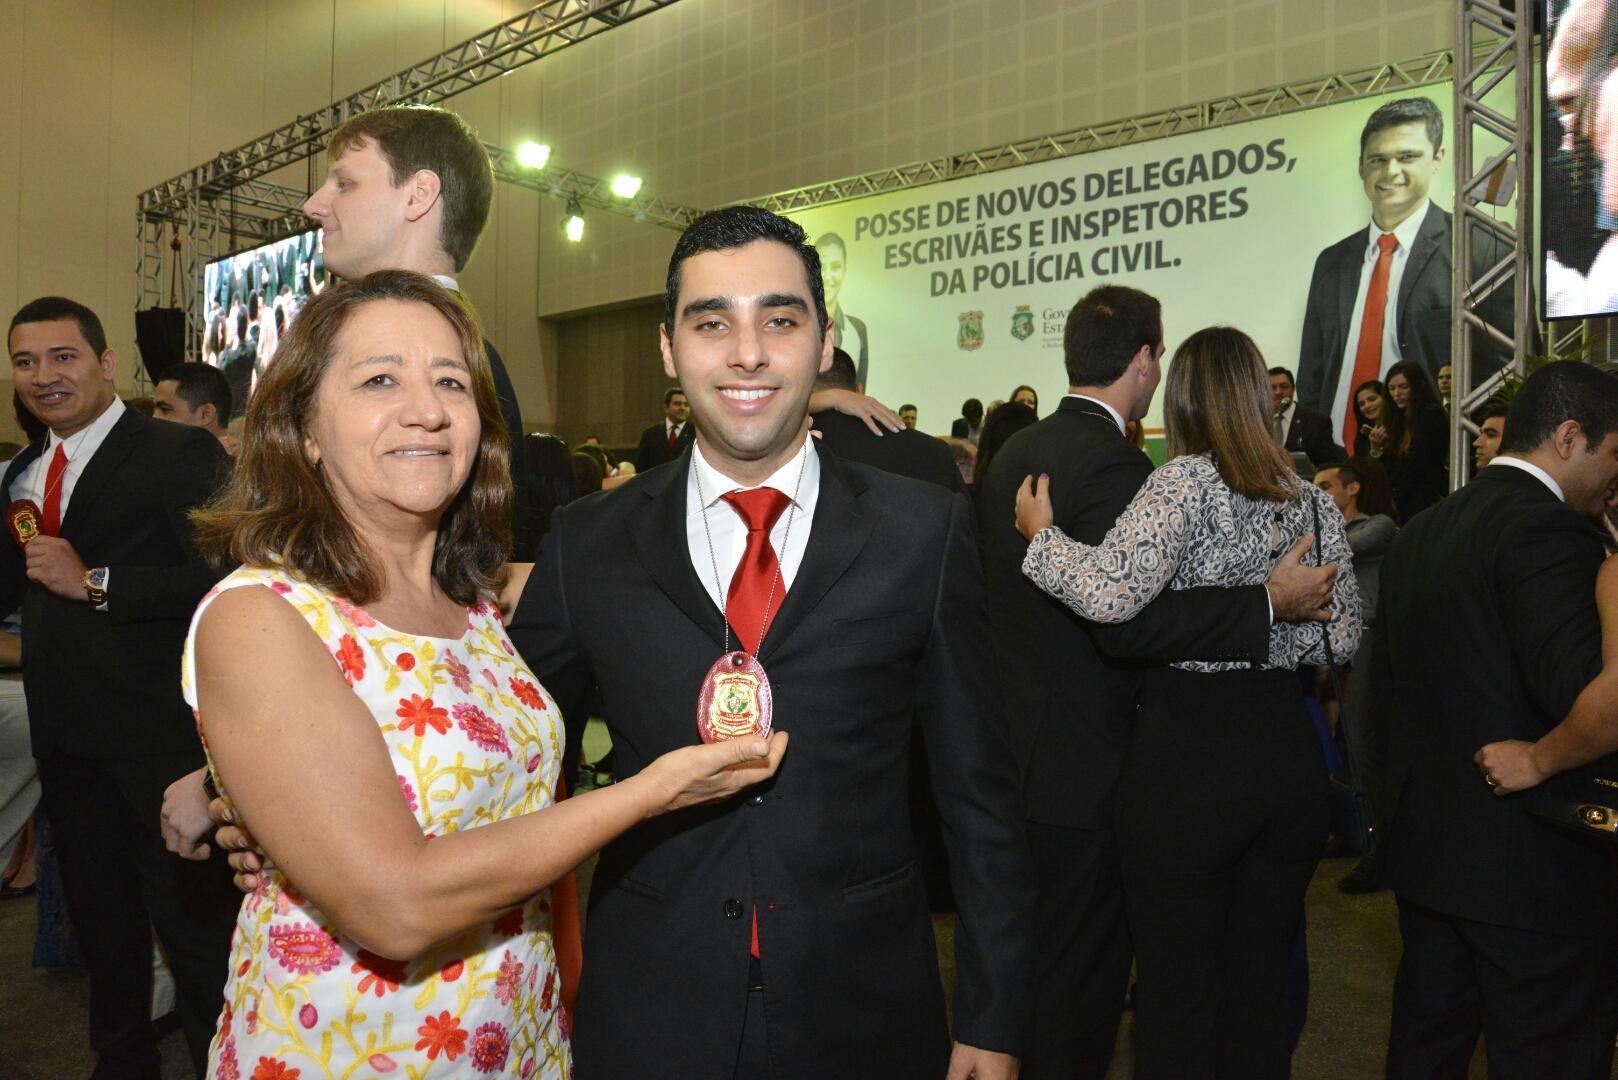 Delegado posa para foto com familiar